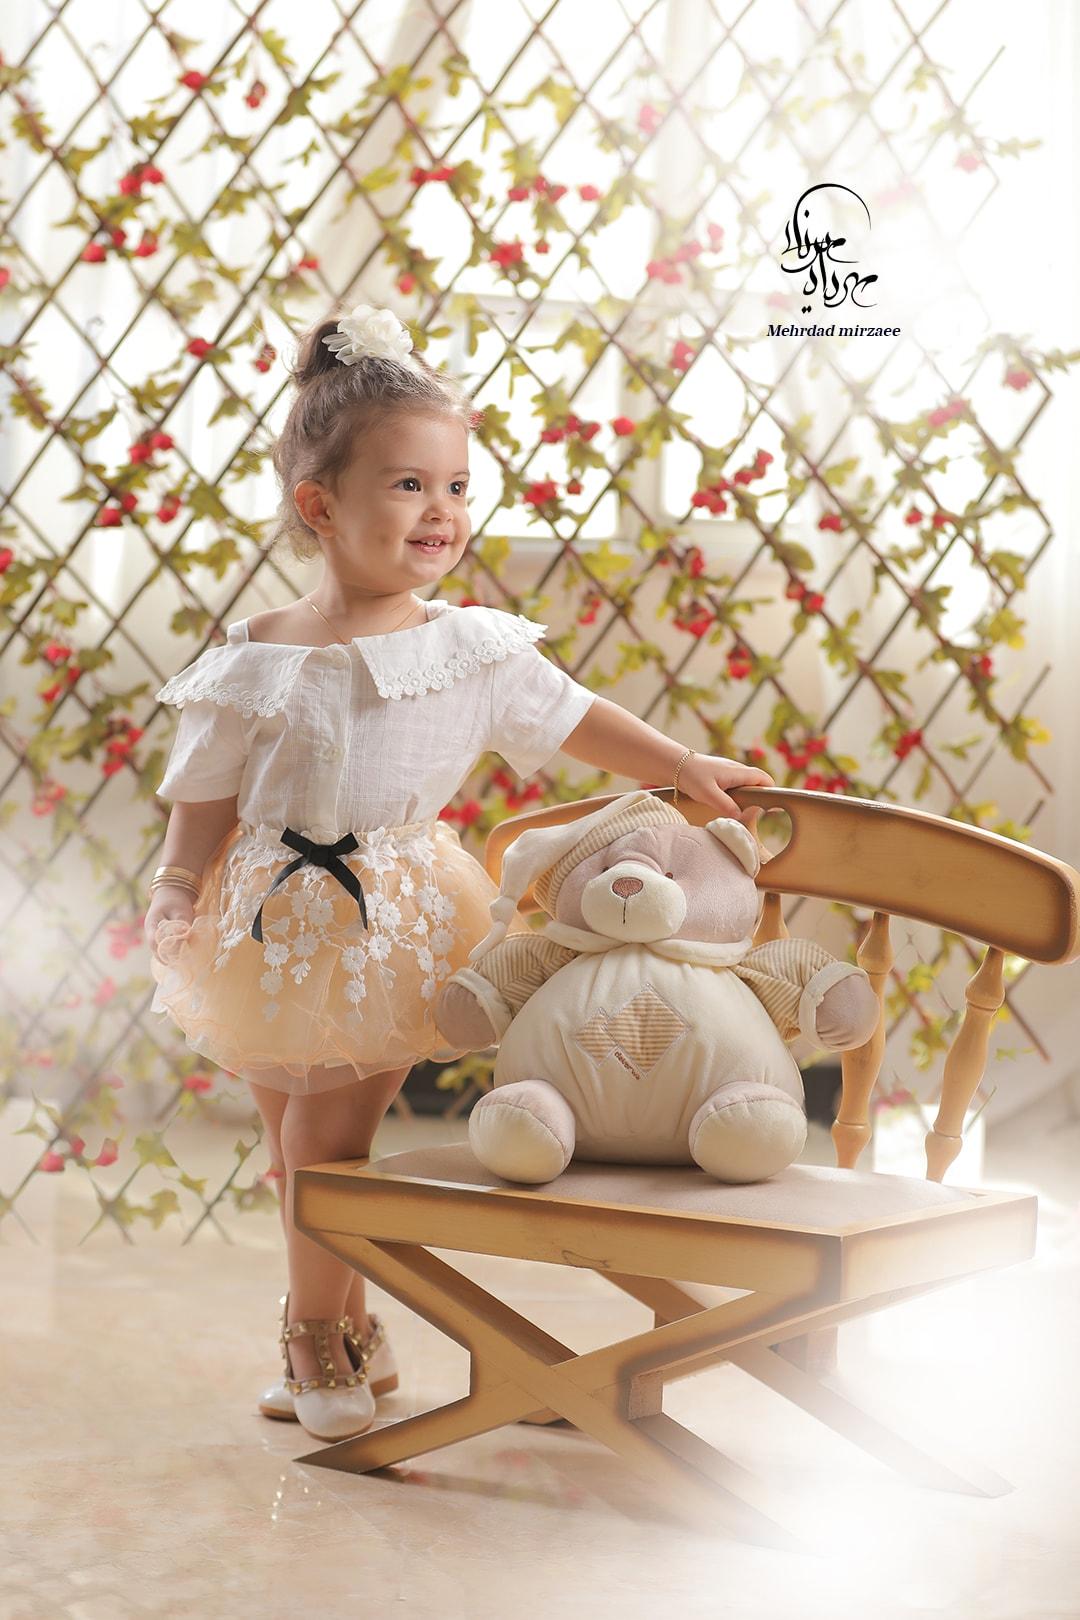 ژست عکاسی با عروسک / ژست عکس با عروسک /آتلیه کودک در کرج/ آتلیه کودک/تم عکس کودک/